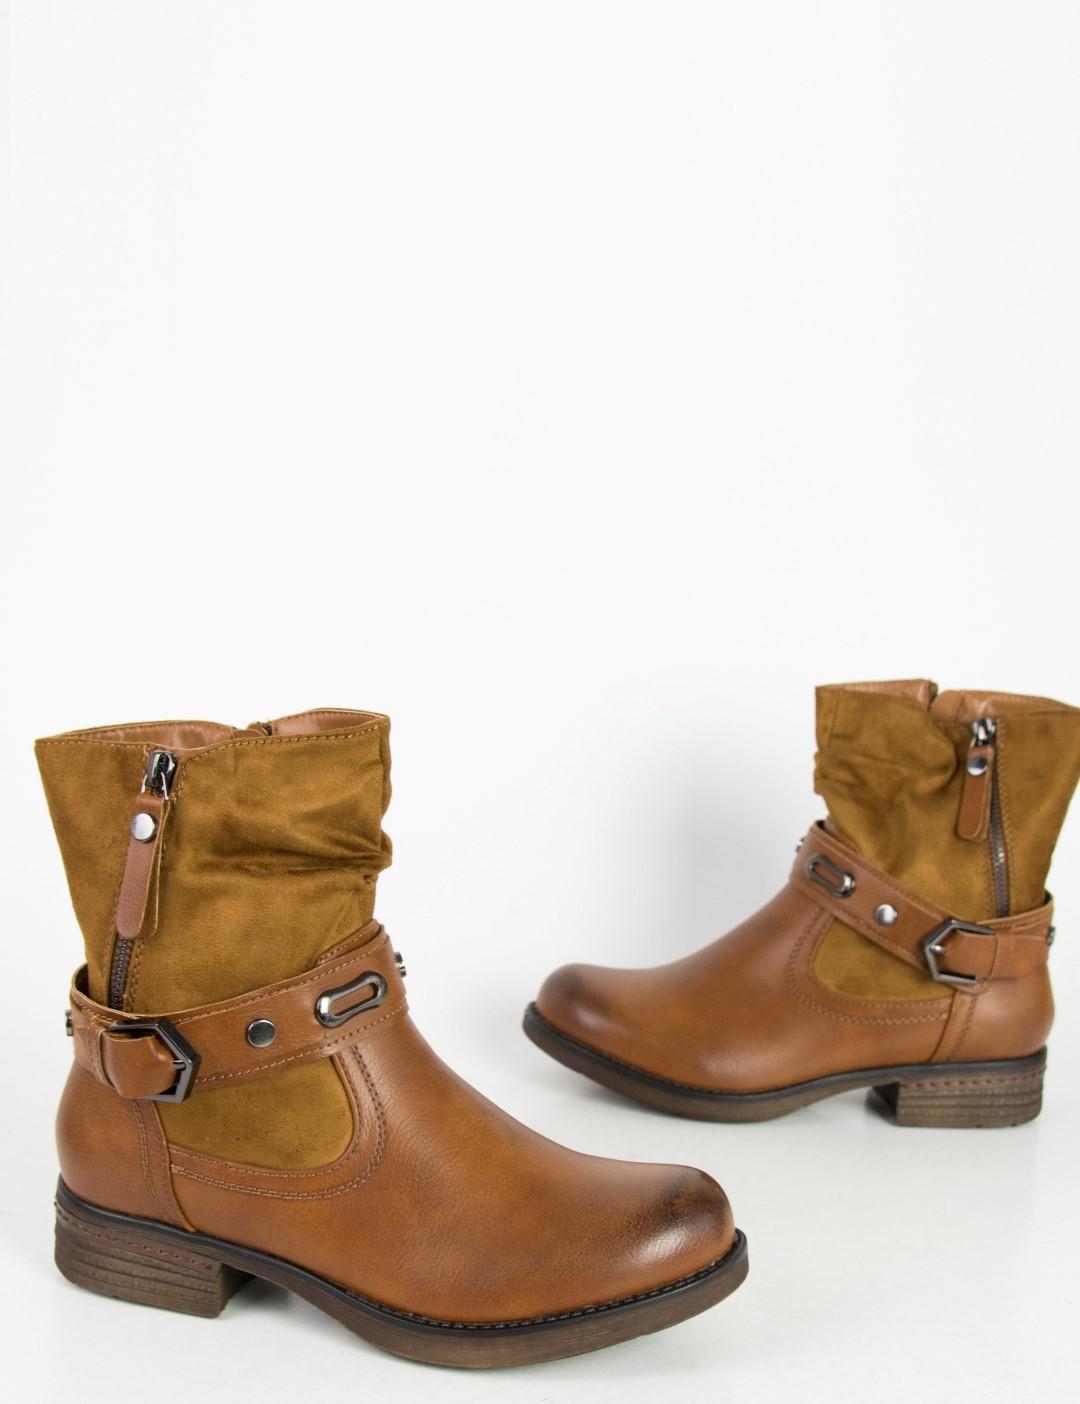 b5335ee2b8d Άρβυλα 5.11 HRT™ Advance | Γυναικείες Μπότες & Μποτάκια | Snif.gr